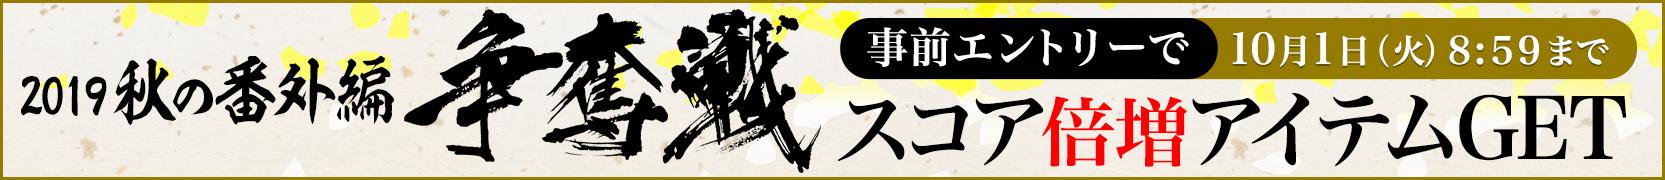 争奪戦 2019秋の番外編(事前エントリー)